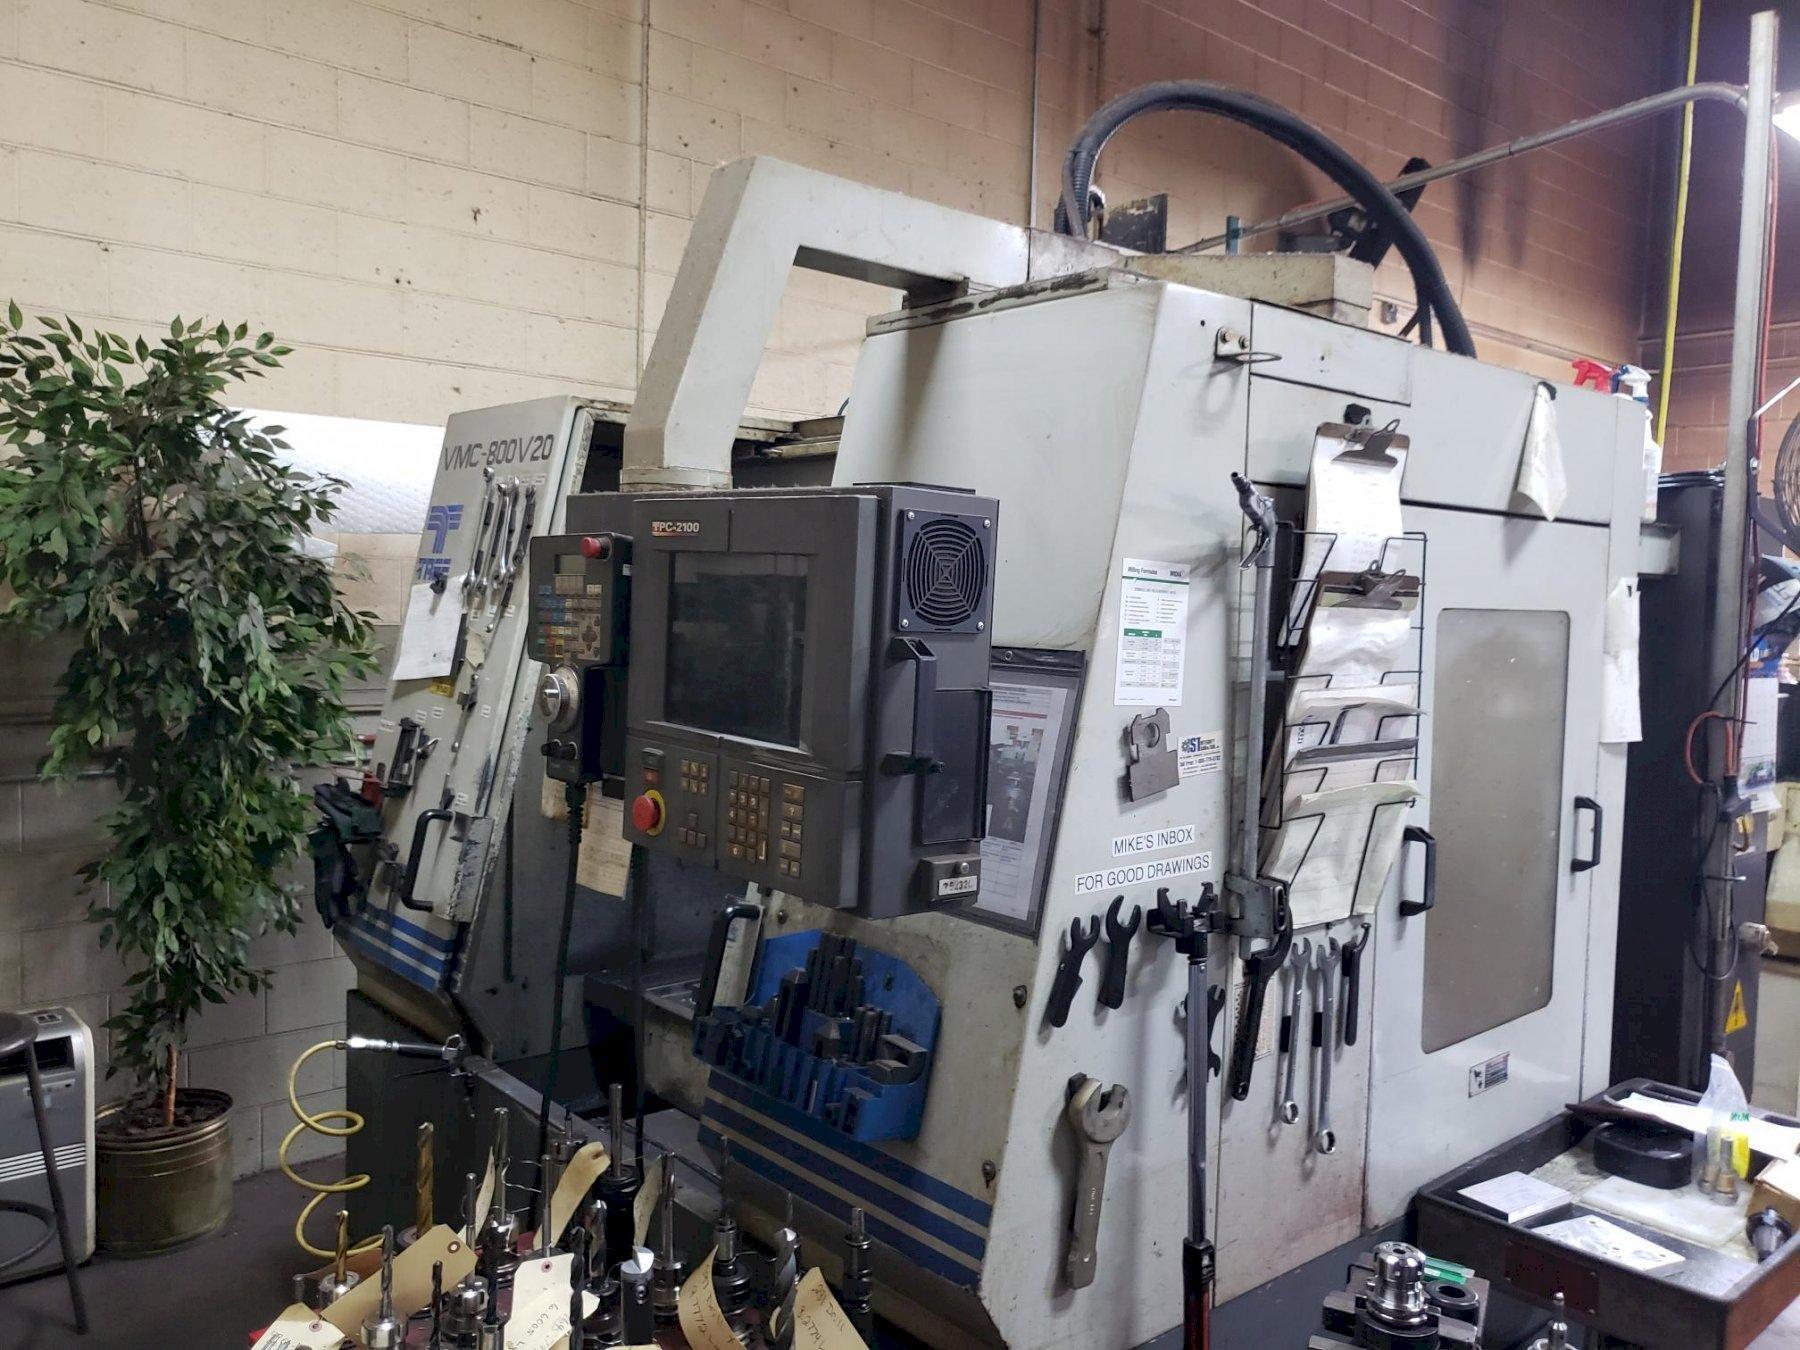 TREE VMC-800V20, 20X32X22 TRAVELS, 40 TAPER, 8,000 RPM, 20 ATC, SIEMENS ACRAMATIC 2100 CONTROL, NEW 2000